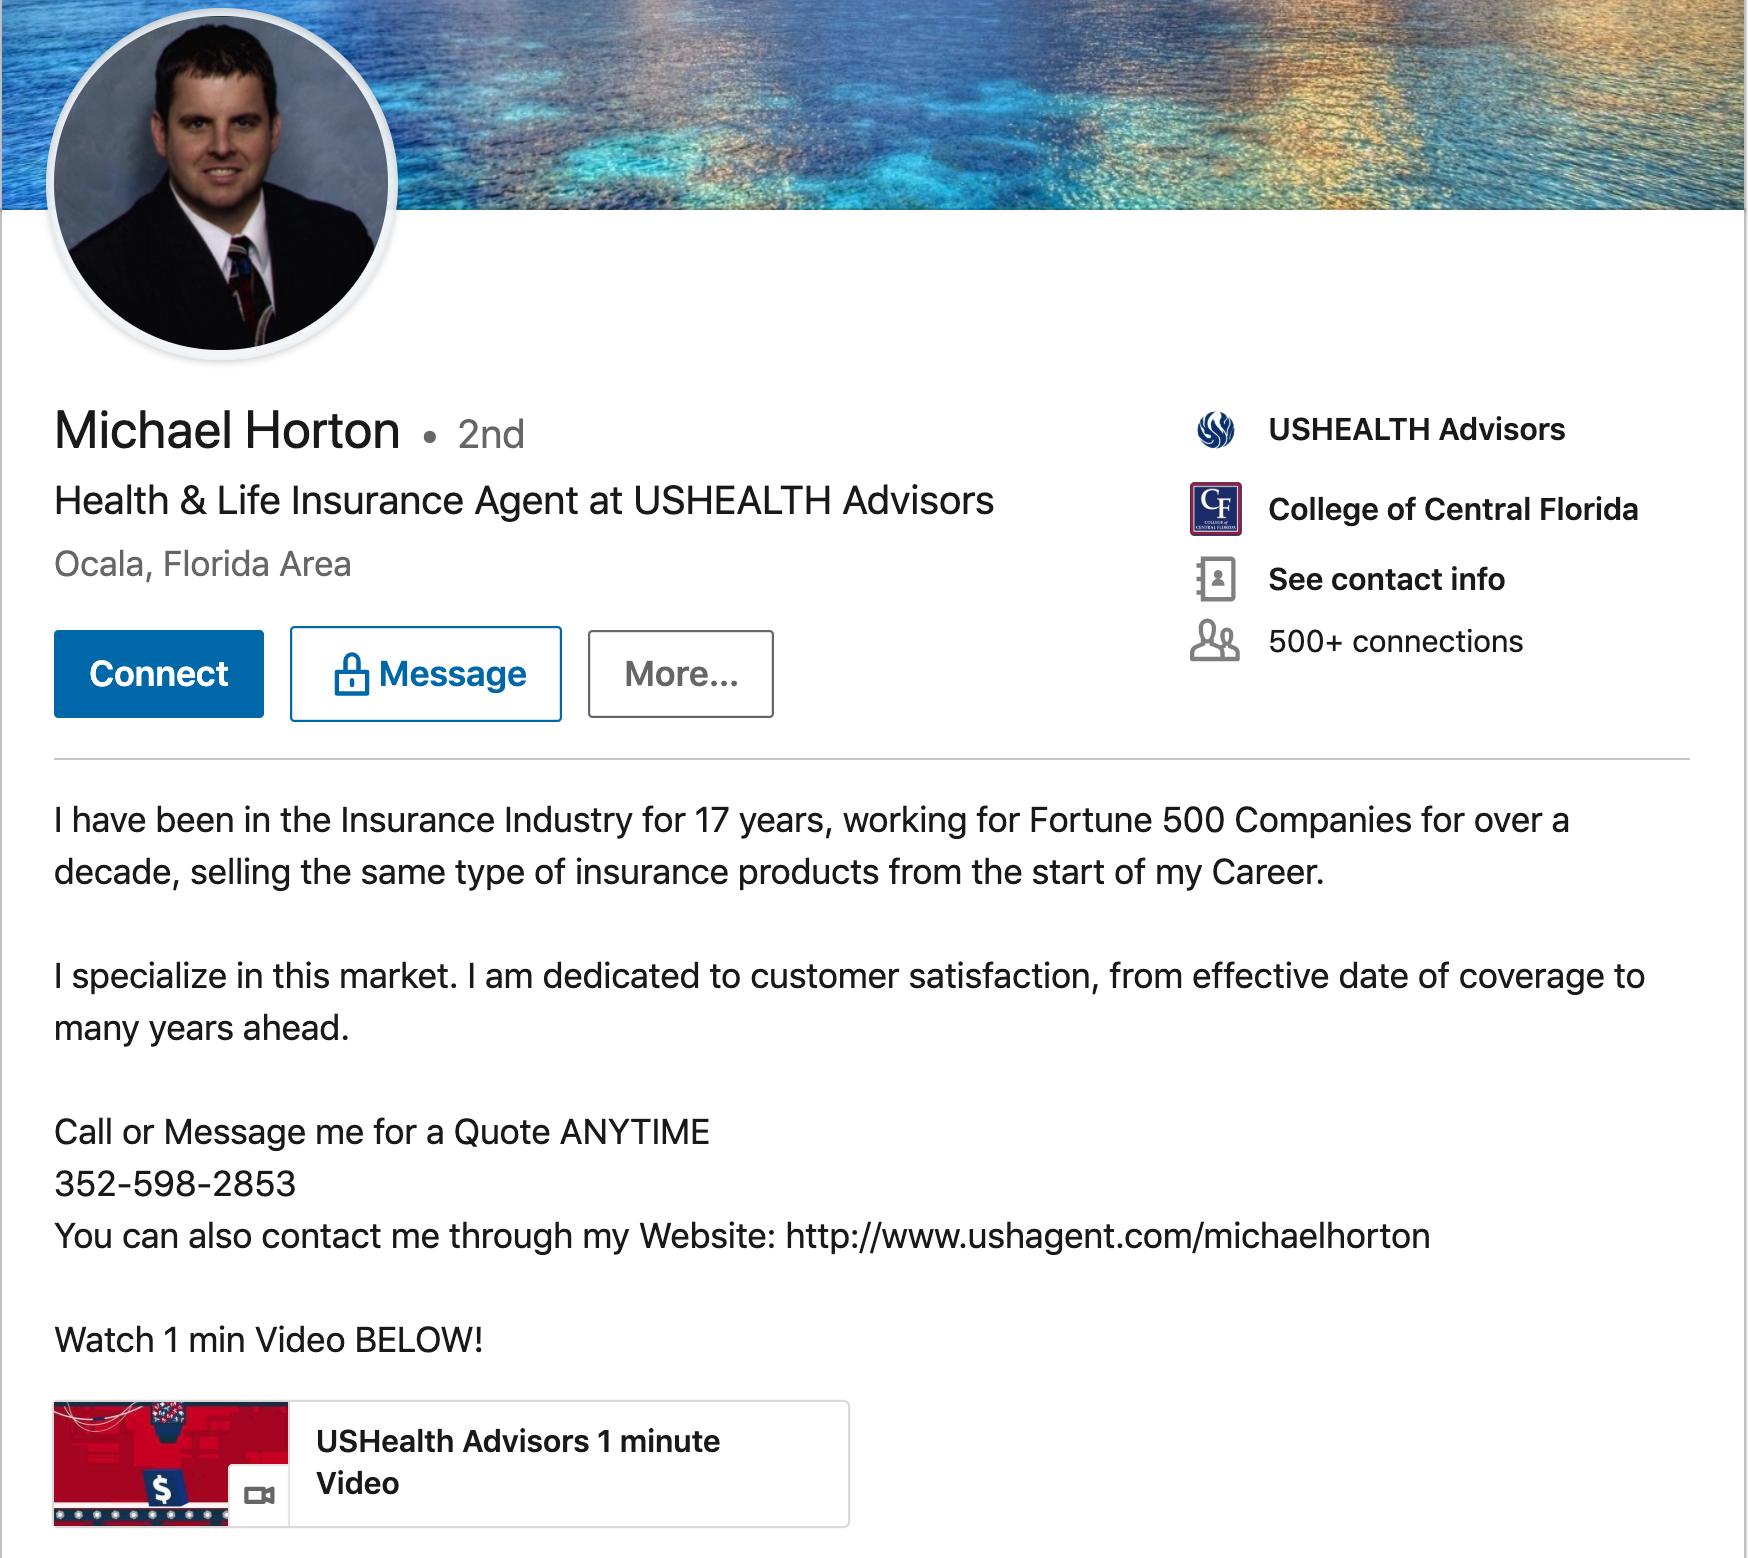 Insurance-Agent-LinkedIn-Summary-Examples